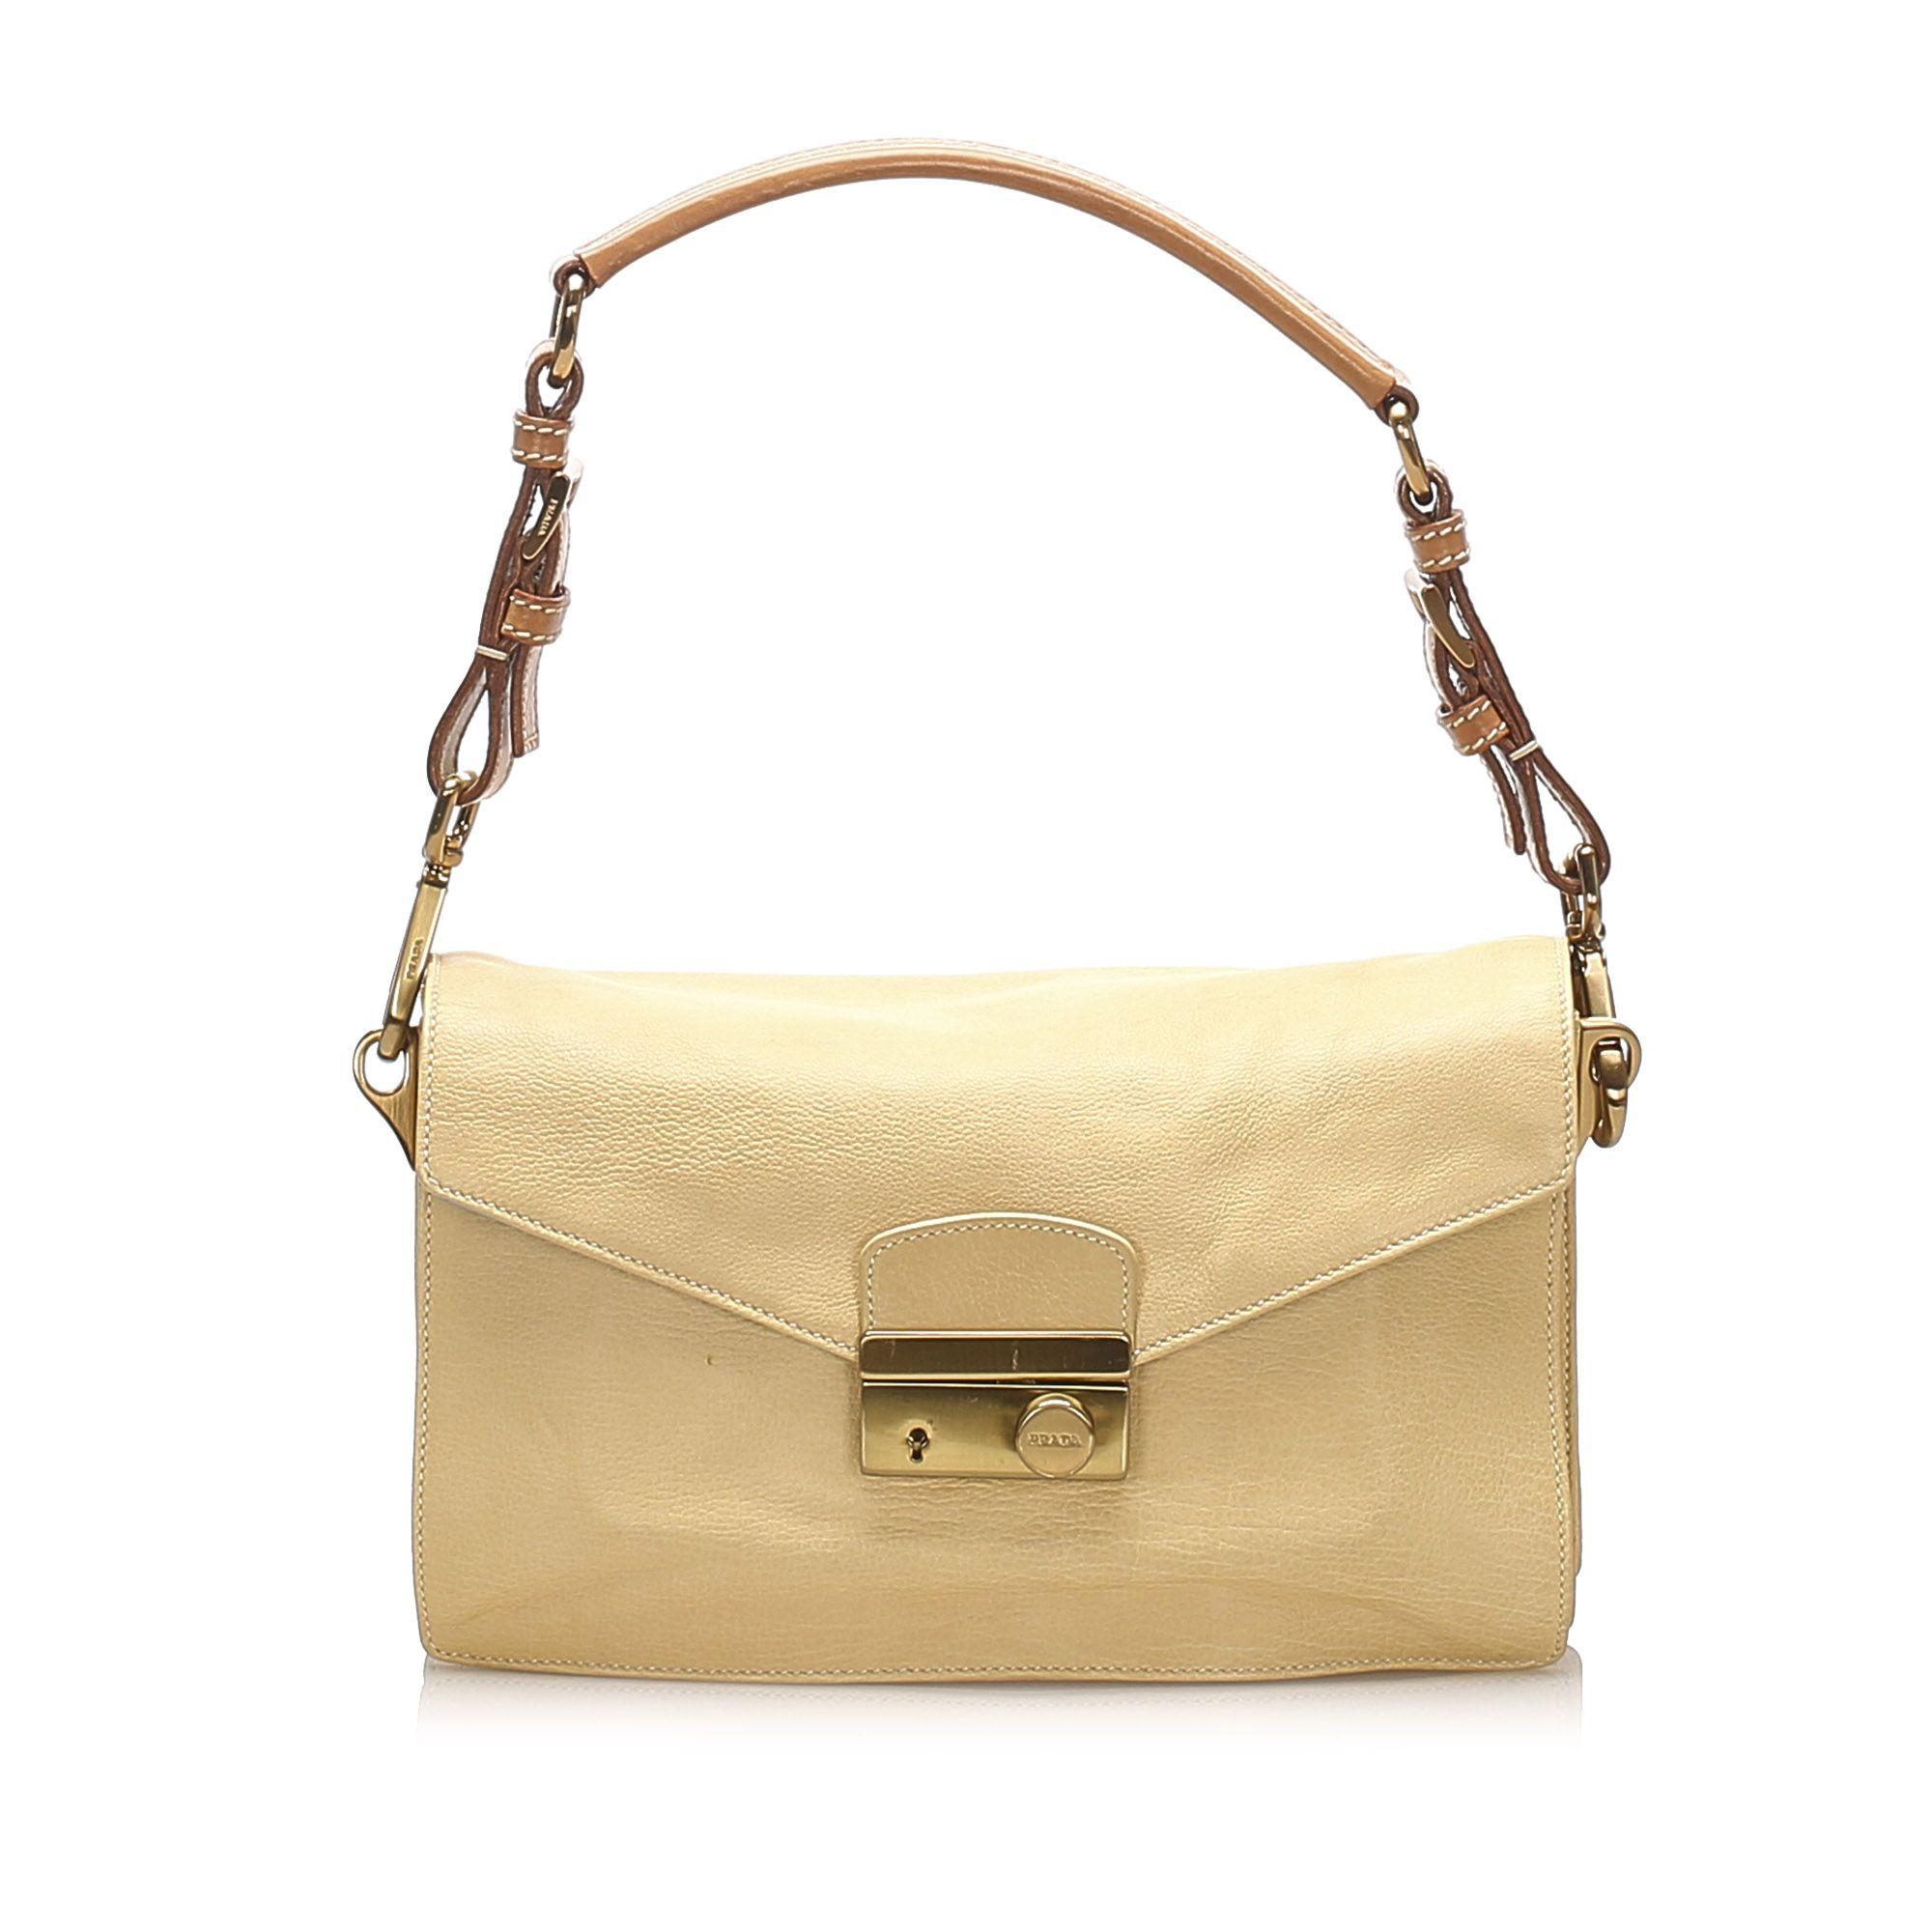 Vintage Prada Sound Lock Leather Shoulder Bag Brown